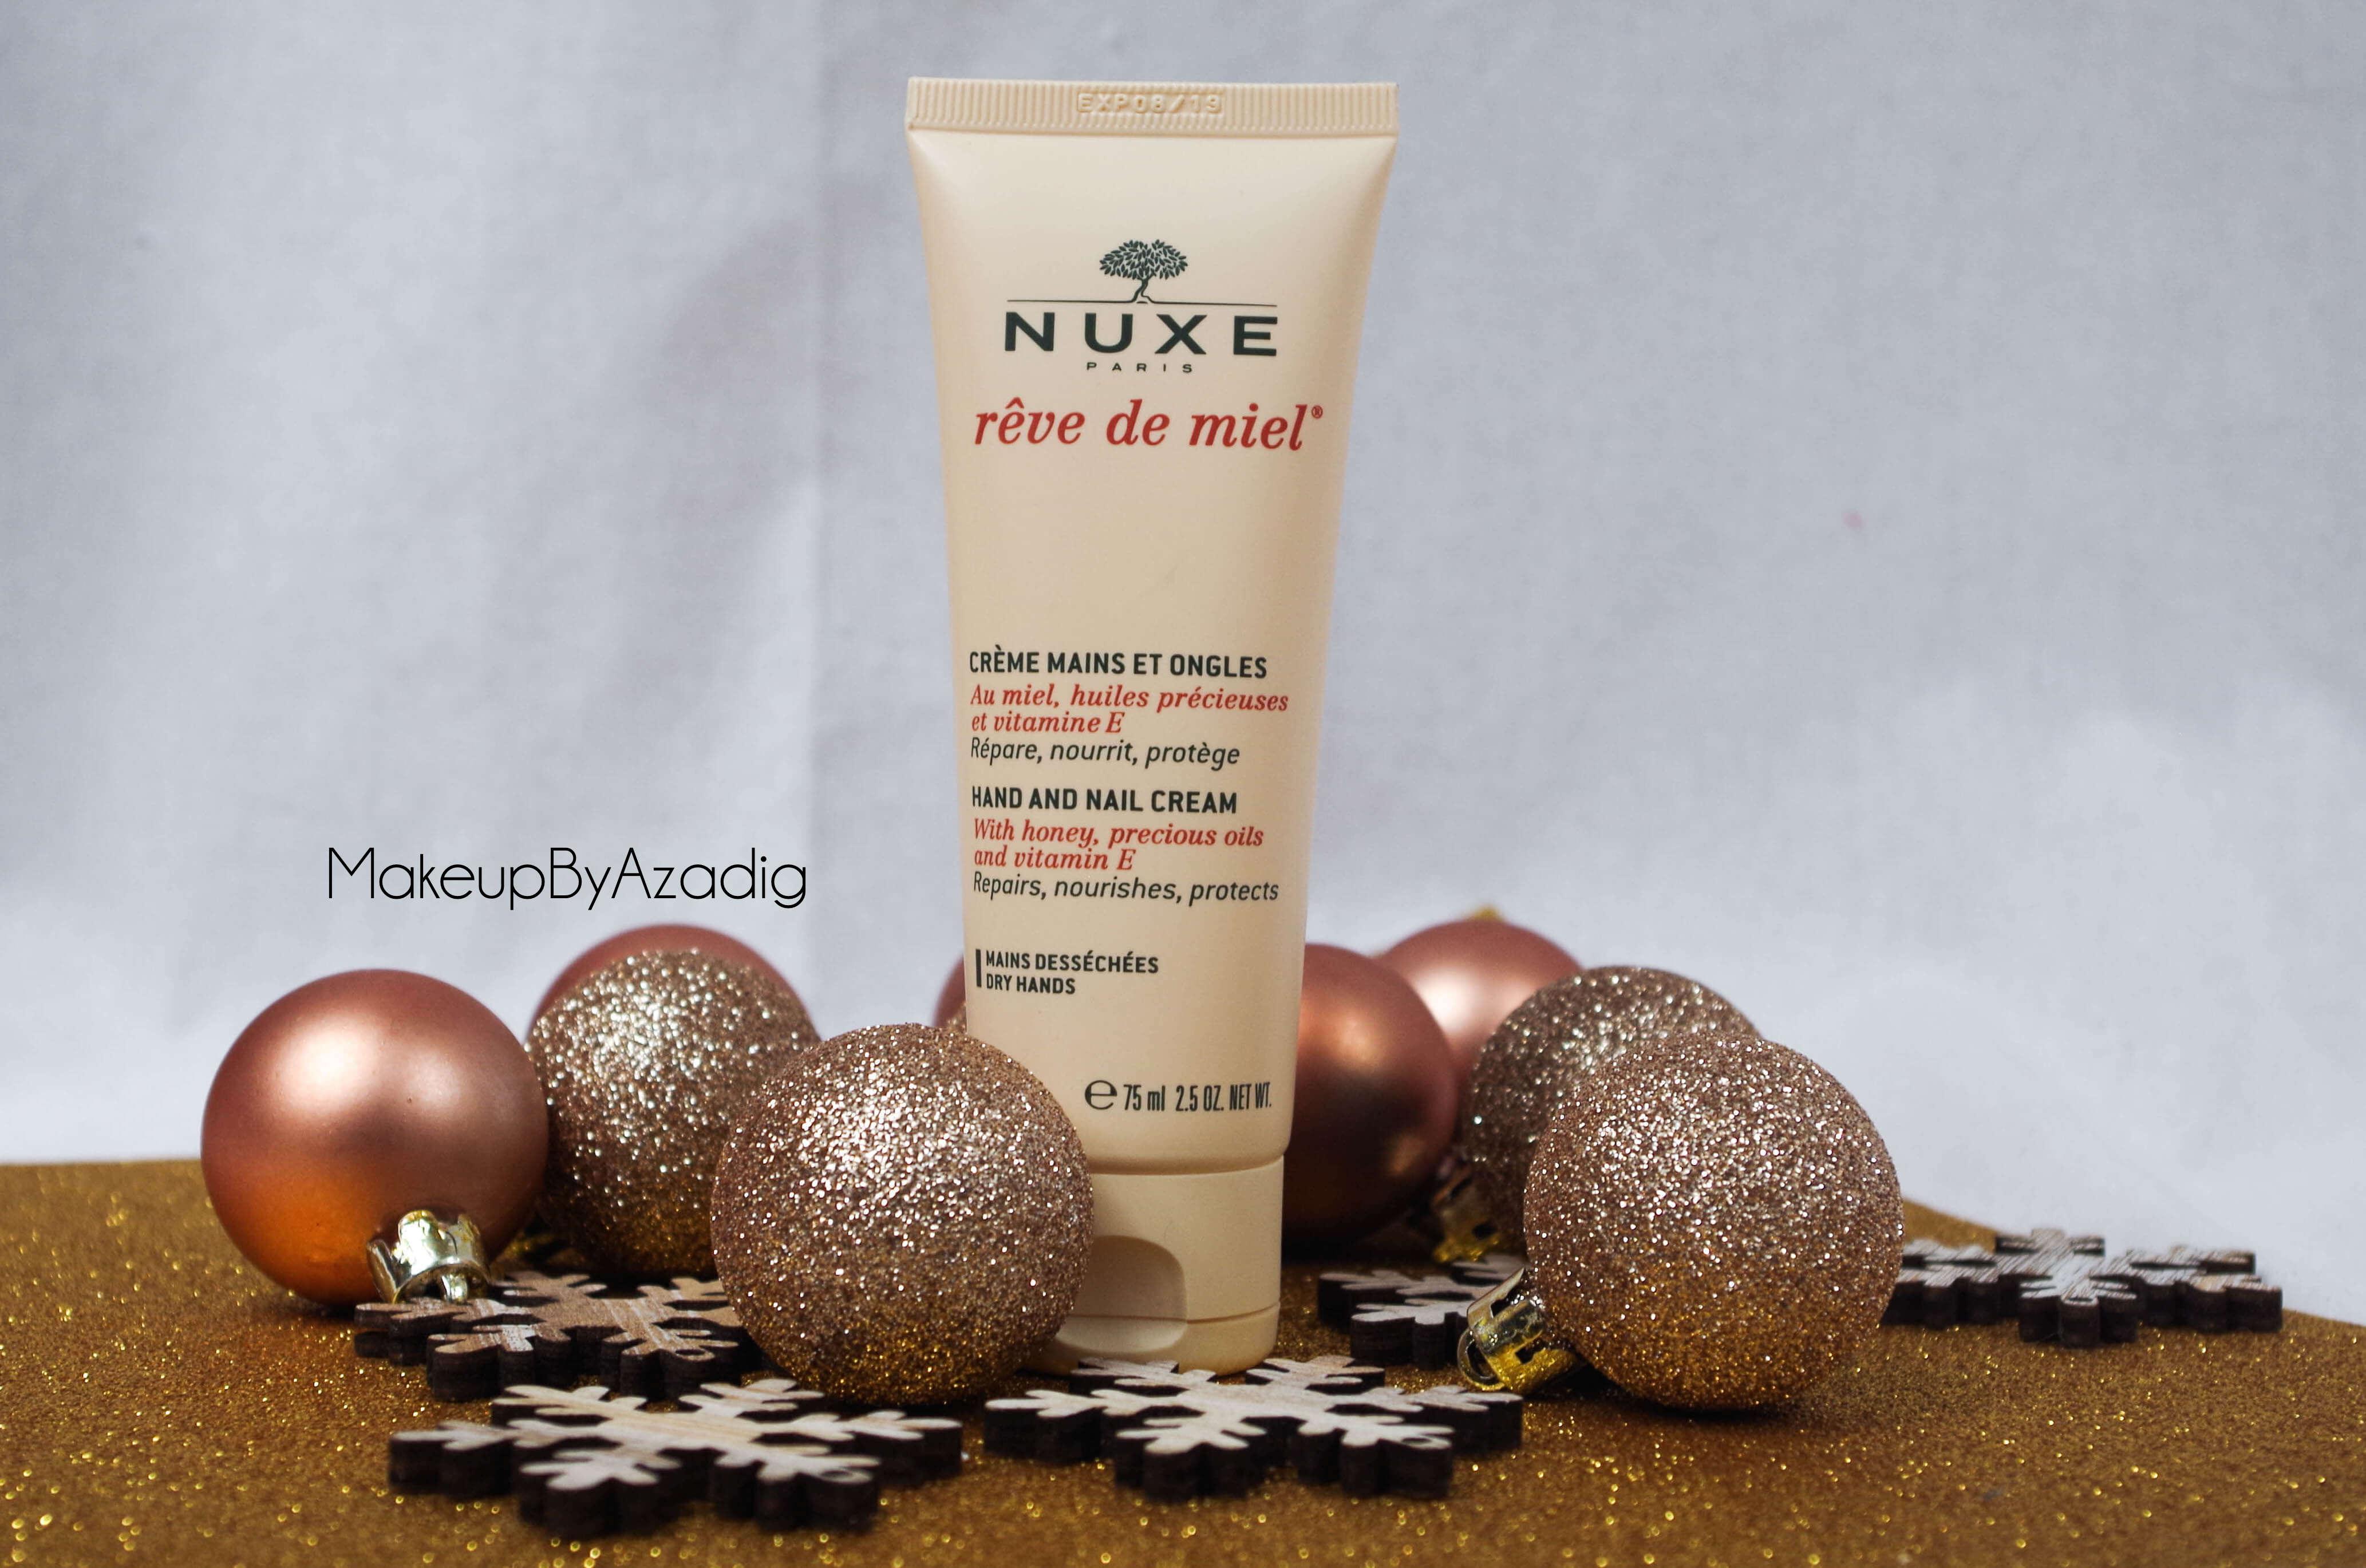 revue-creme-mains-ongles-nuxe-paris-blog-troyes-makeupbyazadig-reve-de-miel-monoprix